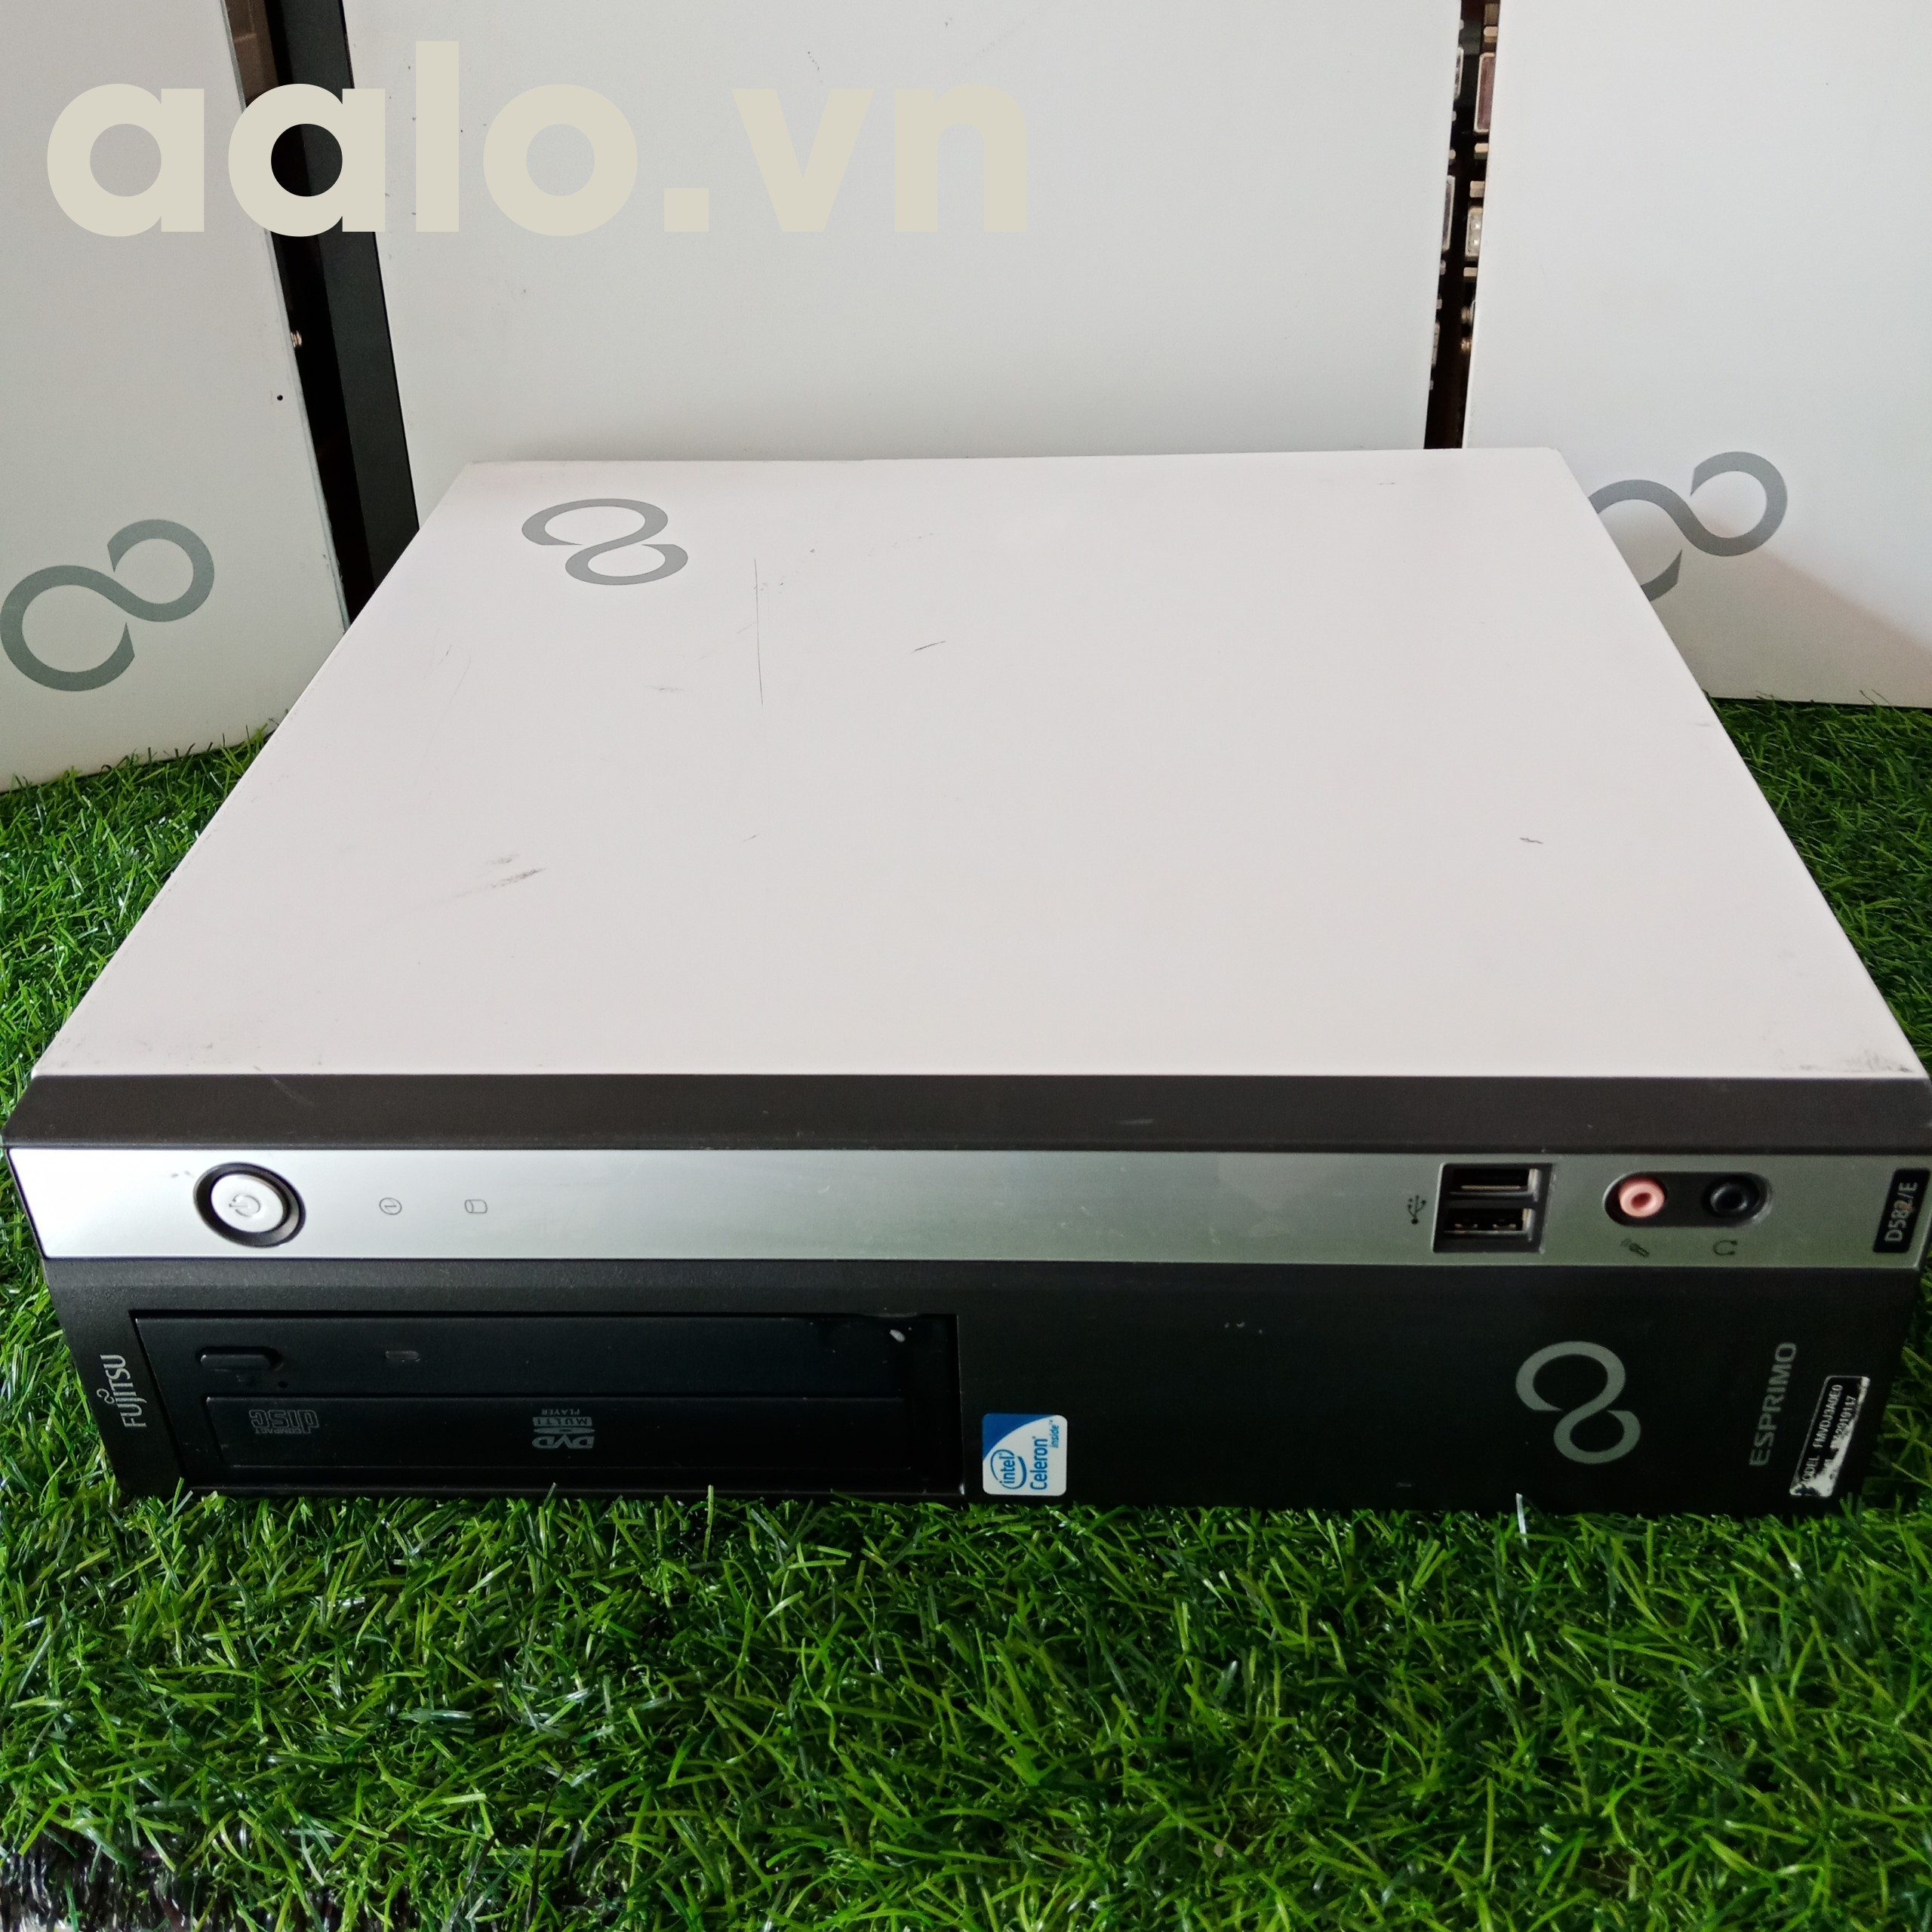 Máy tính đồng bộ Fujitsu Esprimo D582 Mainboard H77, CPU Intel G2010 ram DDR3 2G, ổ cứng 250G (cũ)